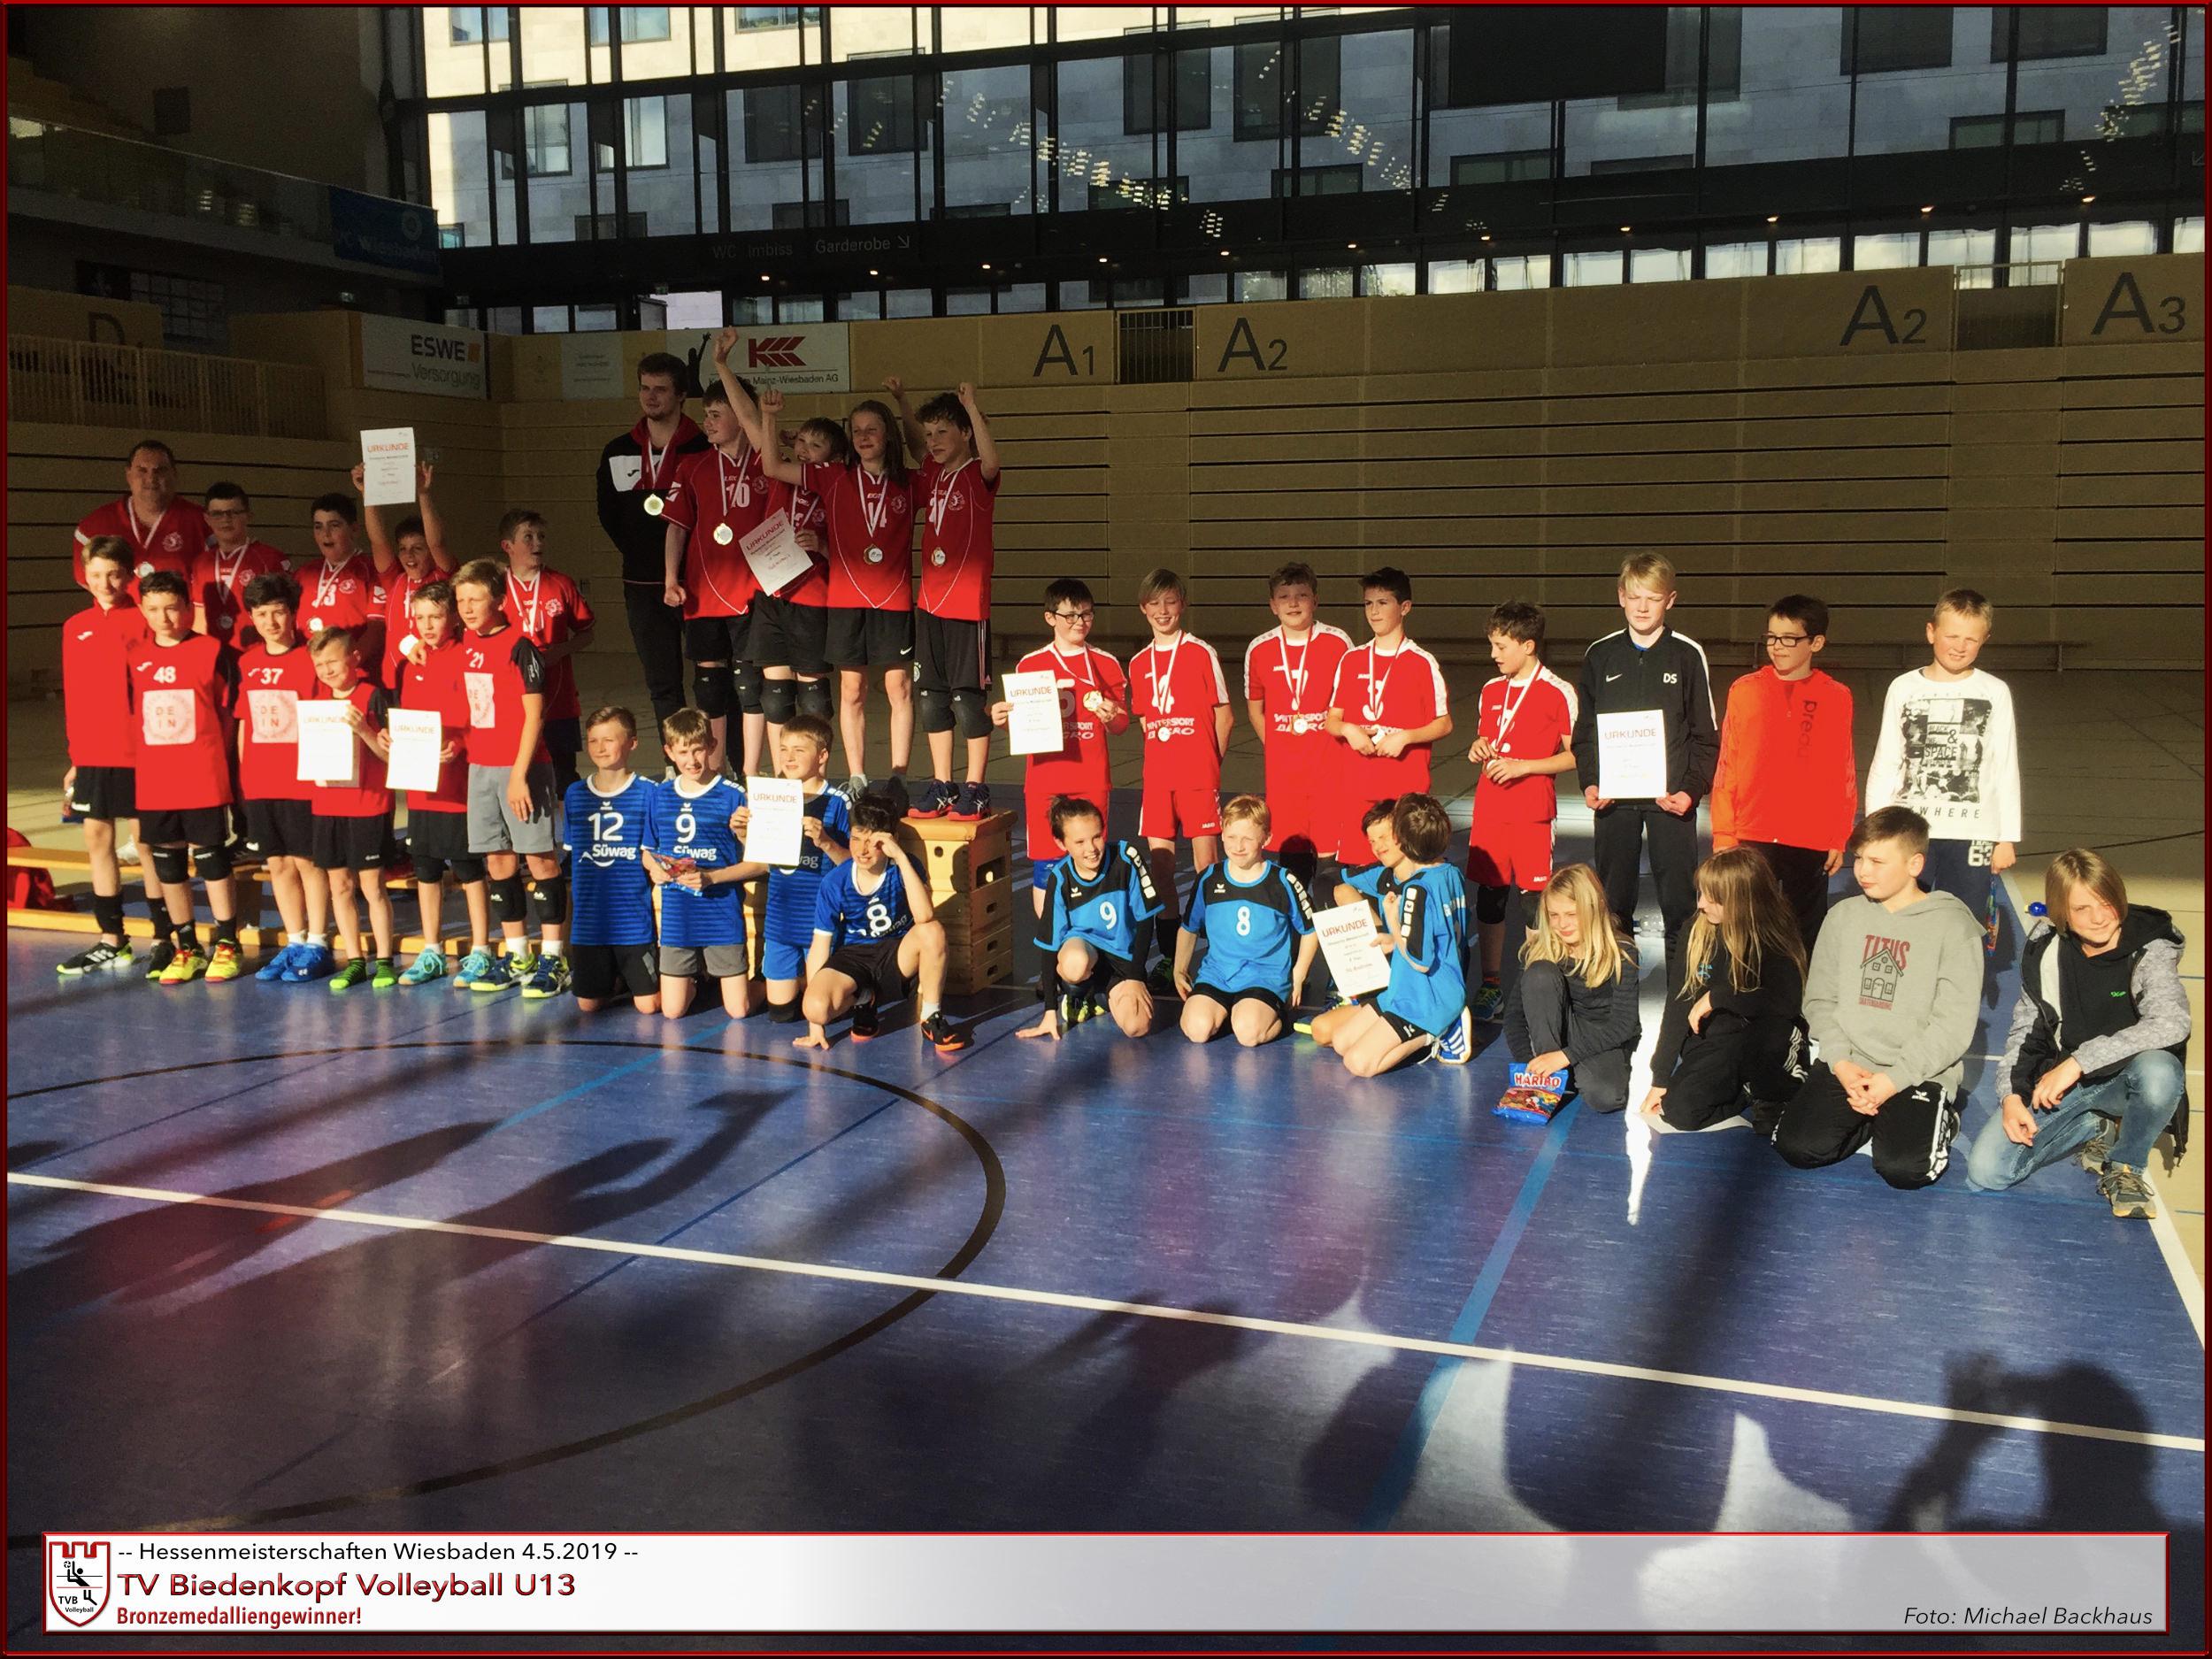 Volleyball U13m Hessenmeisterschaften Mai 2019 Wiesbaden Siegerehrung | TV Biedenkopf Platz 3